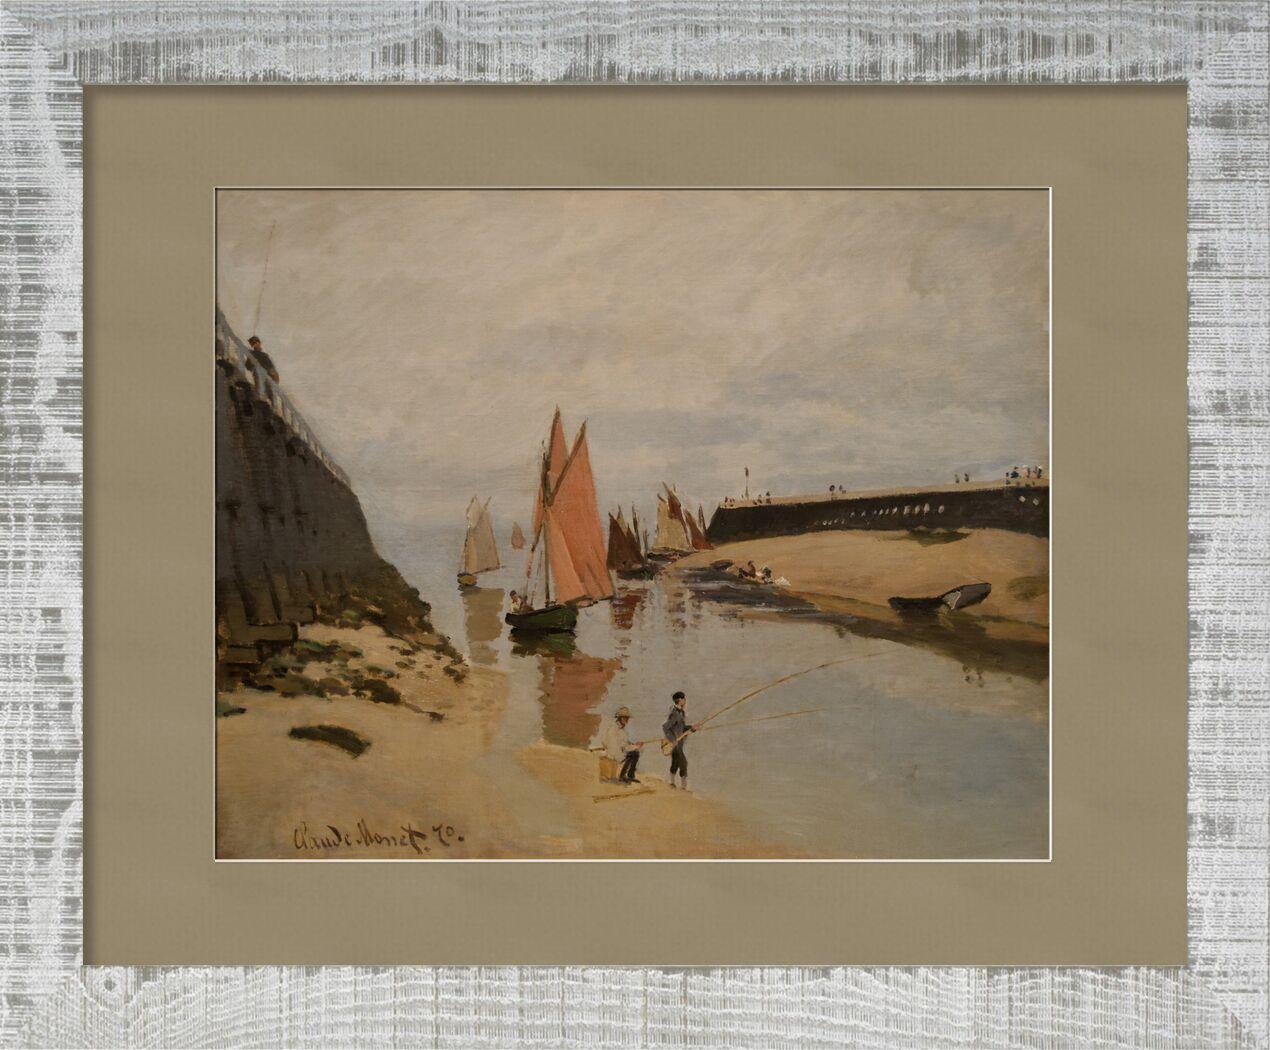 Le port de Trouville - CLAUDE MONET 1870 de AUX BEAUX-ARTS, Prodi Art, Port, fleuve, rivière, enfants, nuages, peinture, CLAUDE MONET, Trouville, pêche, bateaux, bateaux à voile, entrée de port